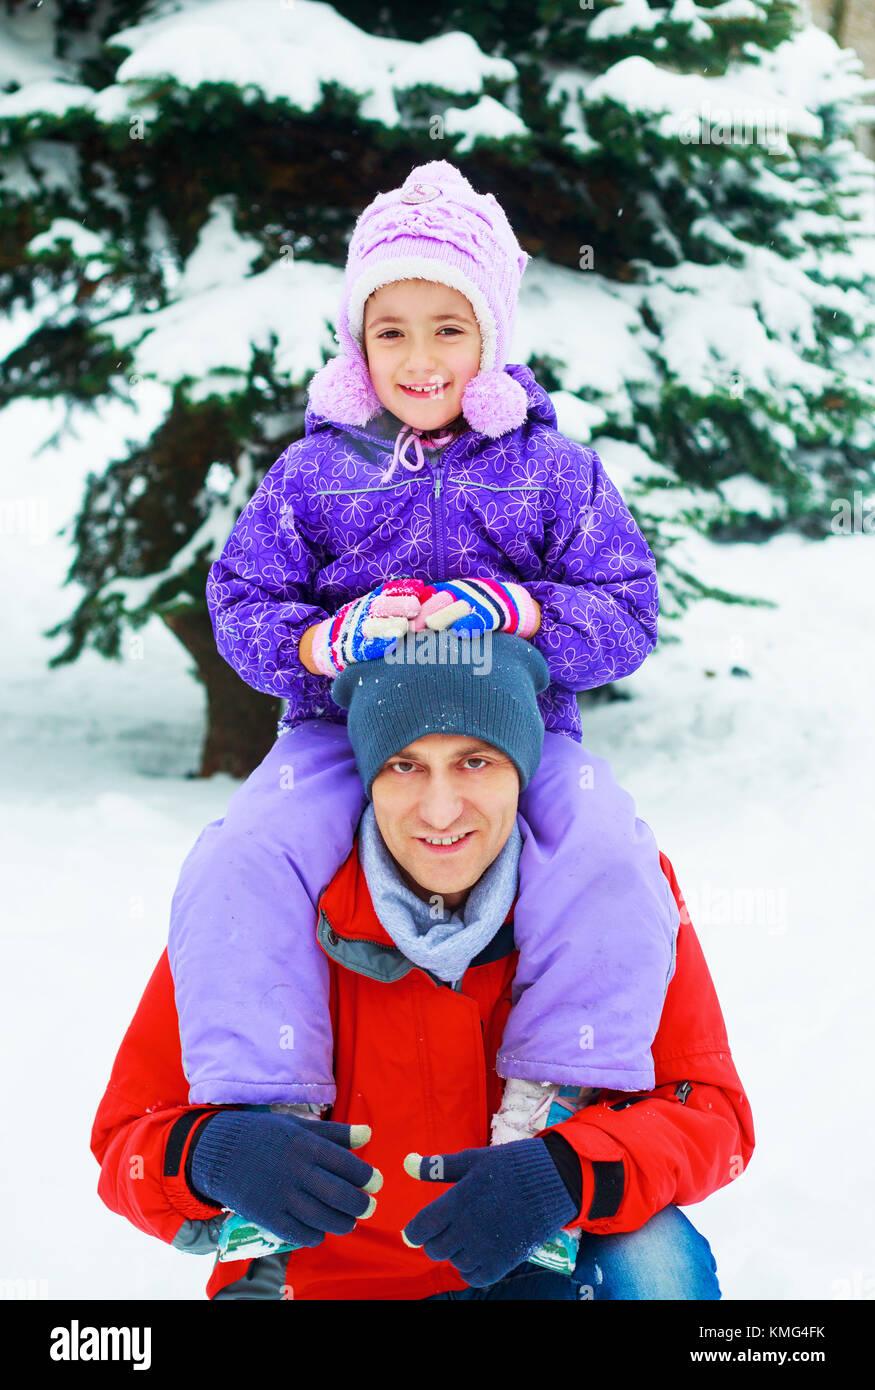 Glückliche junge Vater mit seiner Tochter outdoor im Winter Park Stockbild